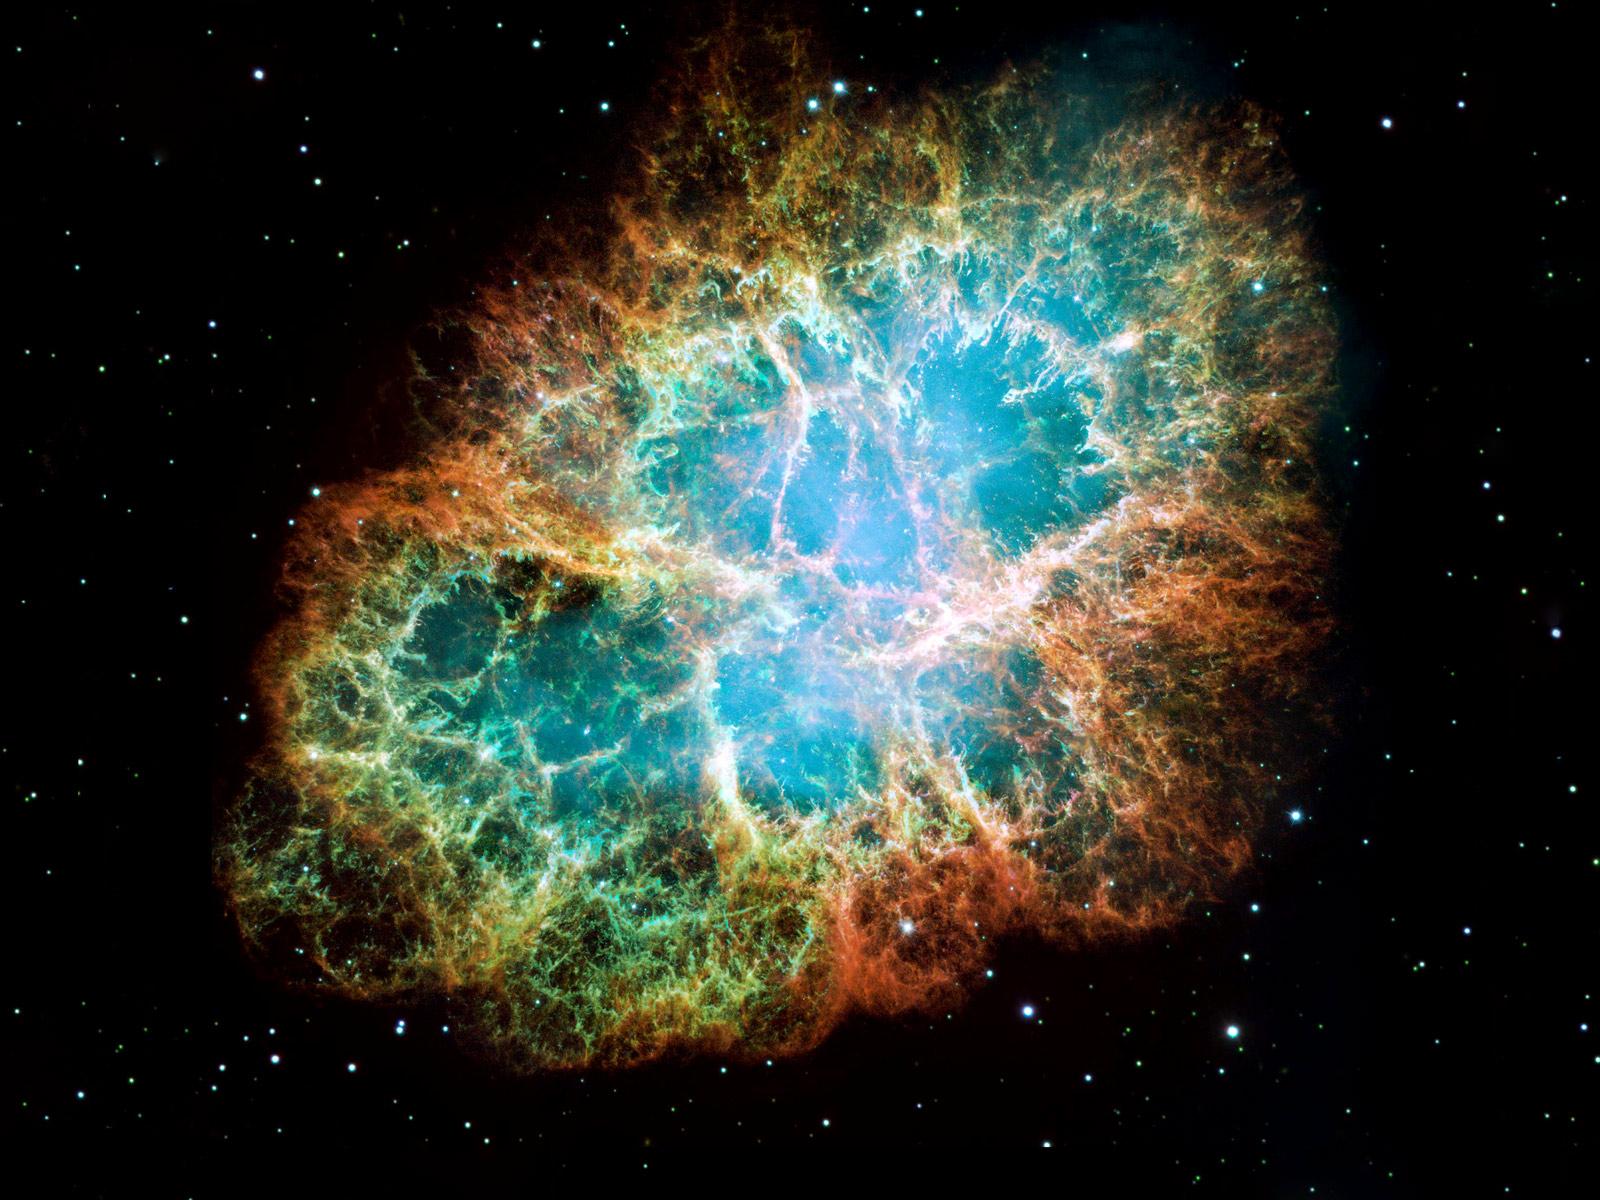 http://1.bp.blogspot.com/-yDeGa6QQ9Sw/TzQjSjBXRJI/AAAAAAAAHb8/fDecrFryk5s/s1600/Hubble_Space_Telescope_Crab_Bebula.jpg